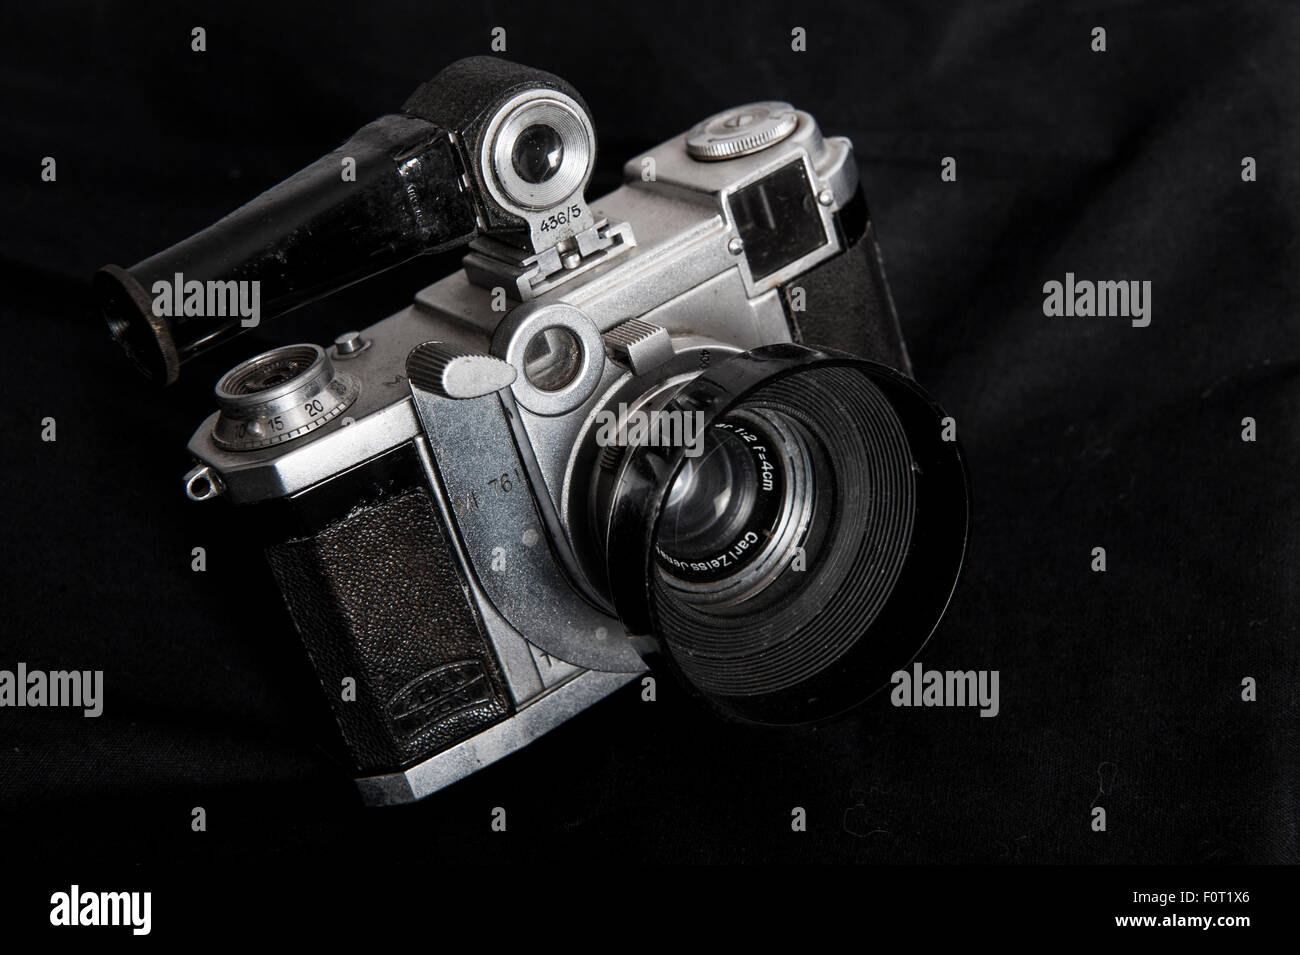 Entfernungsmesser Für Scharfschützen : Scharfschützengewehr u wikipedia